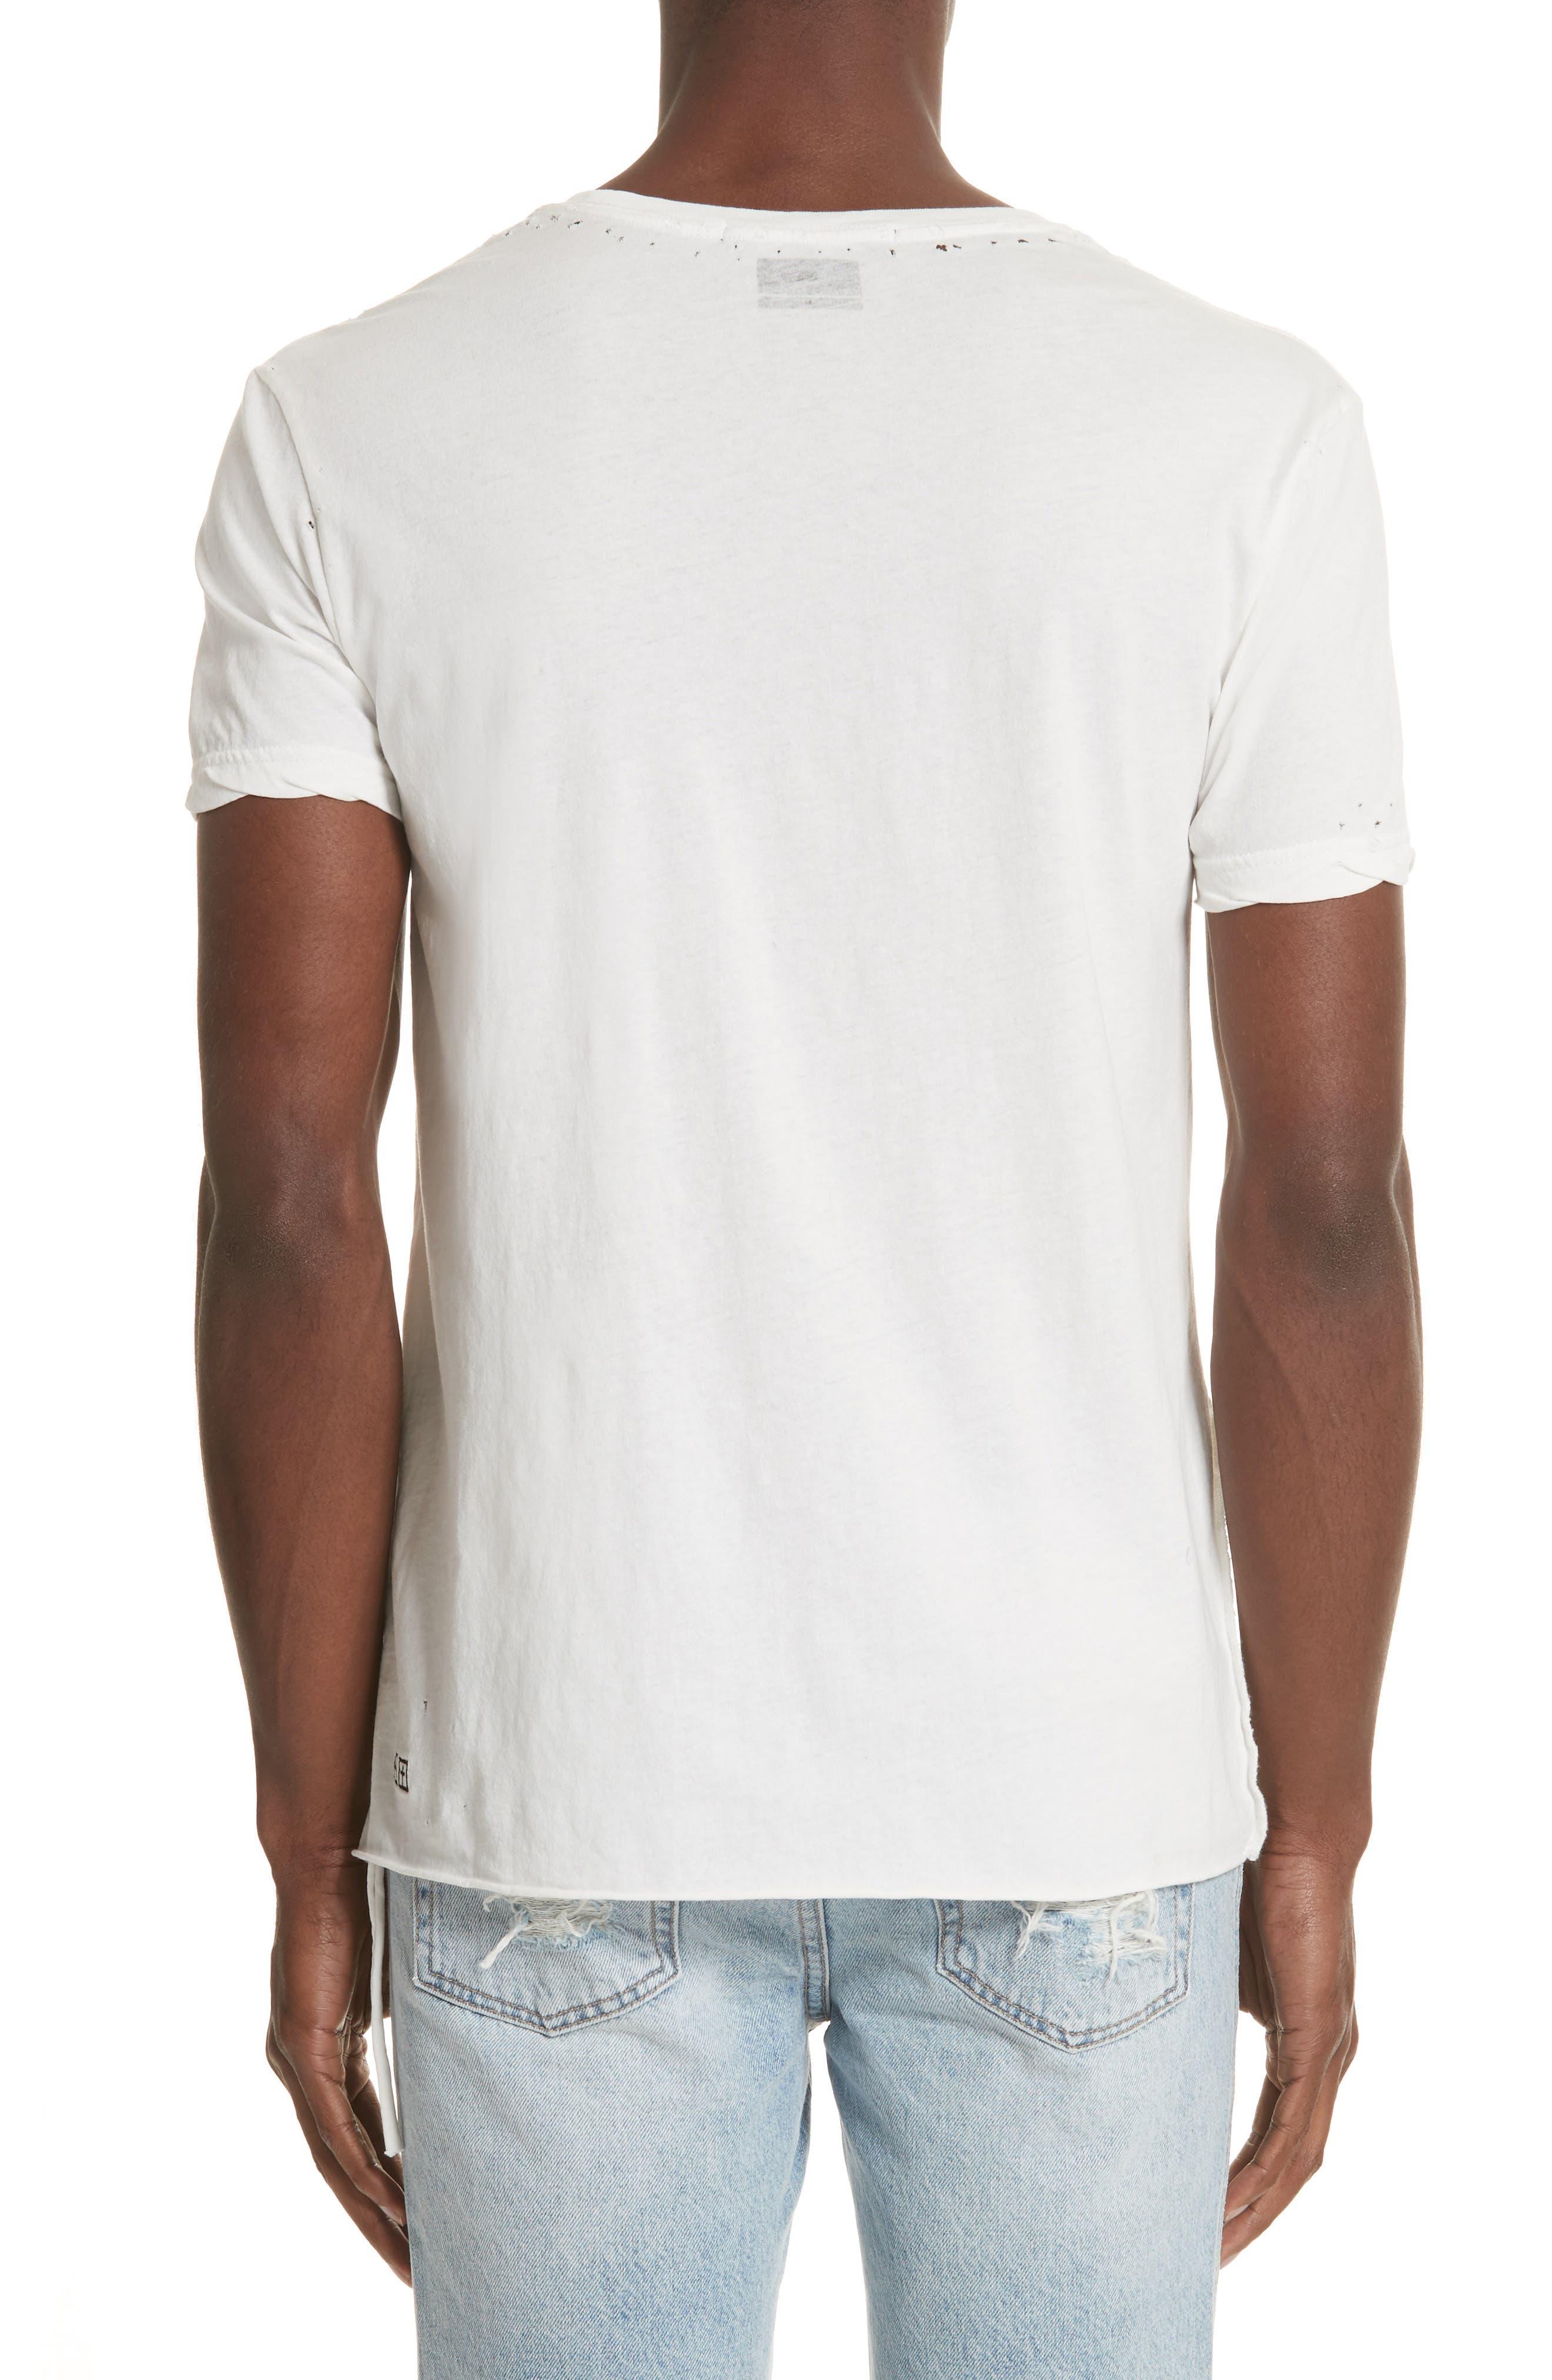 Pist Sext Lols Graphic T-Shirt,                             Alternate thumbnail 2, color,                             100